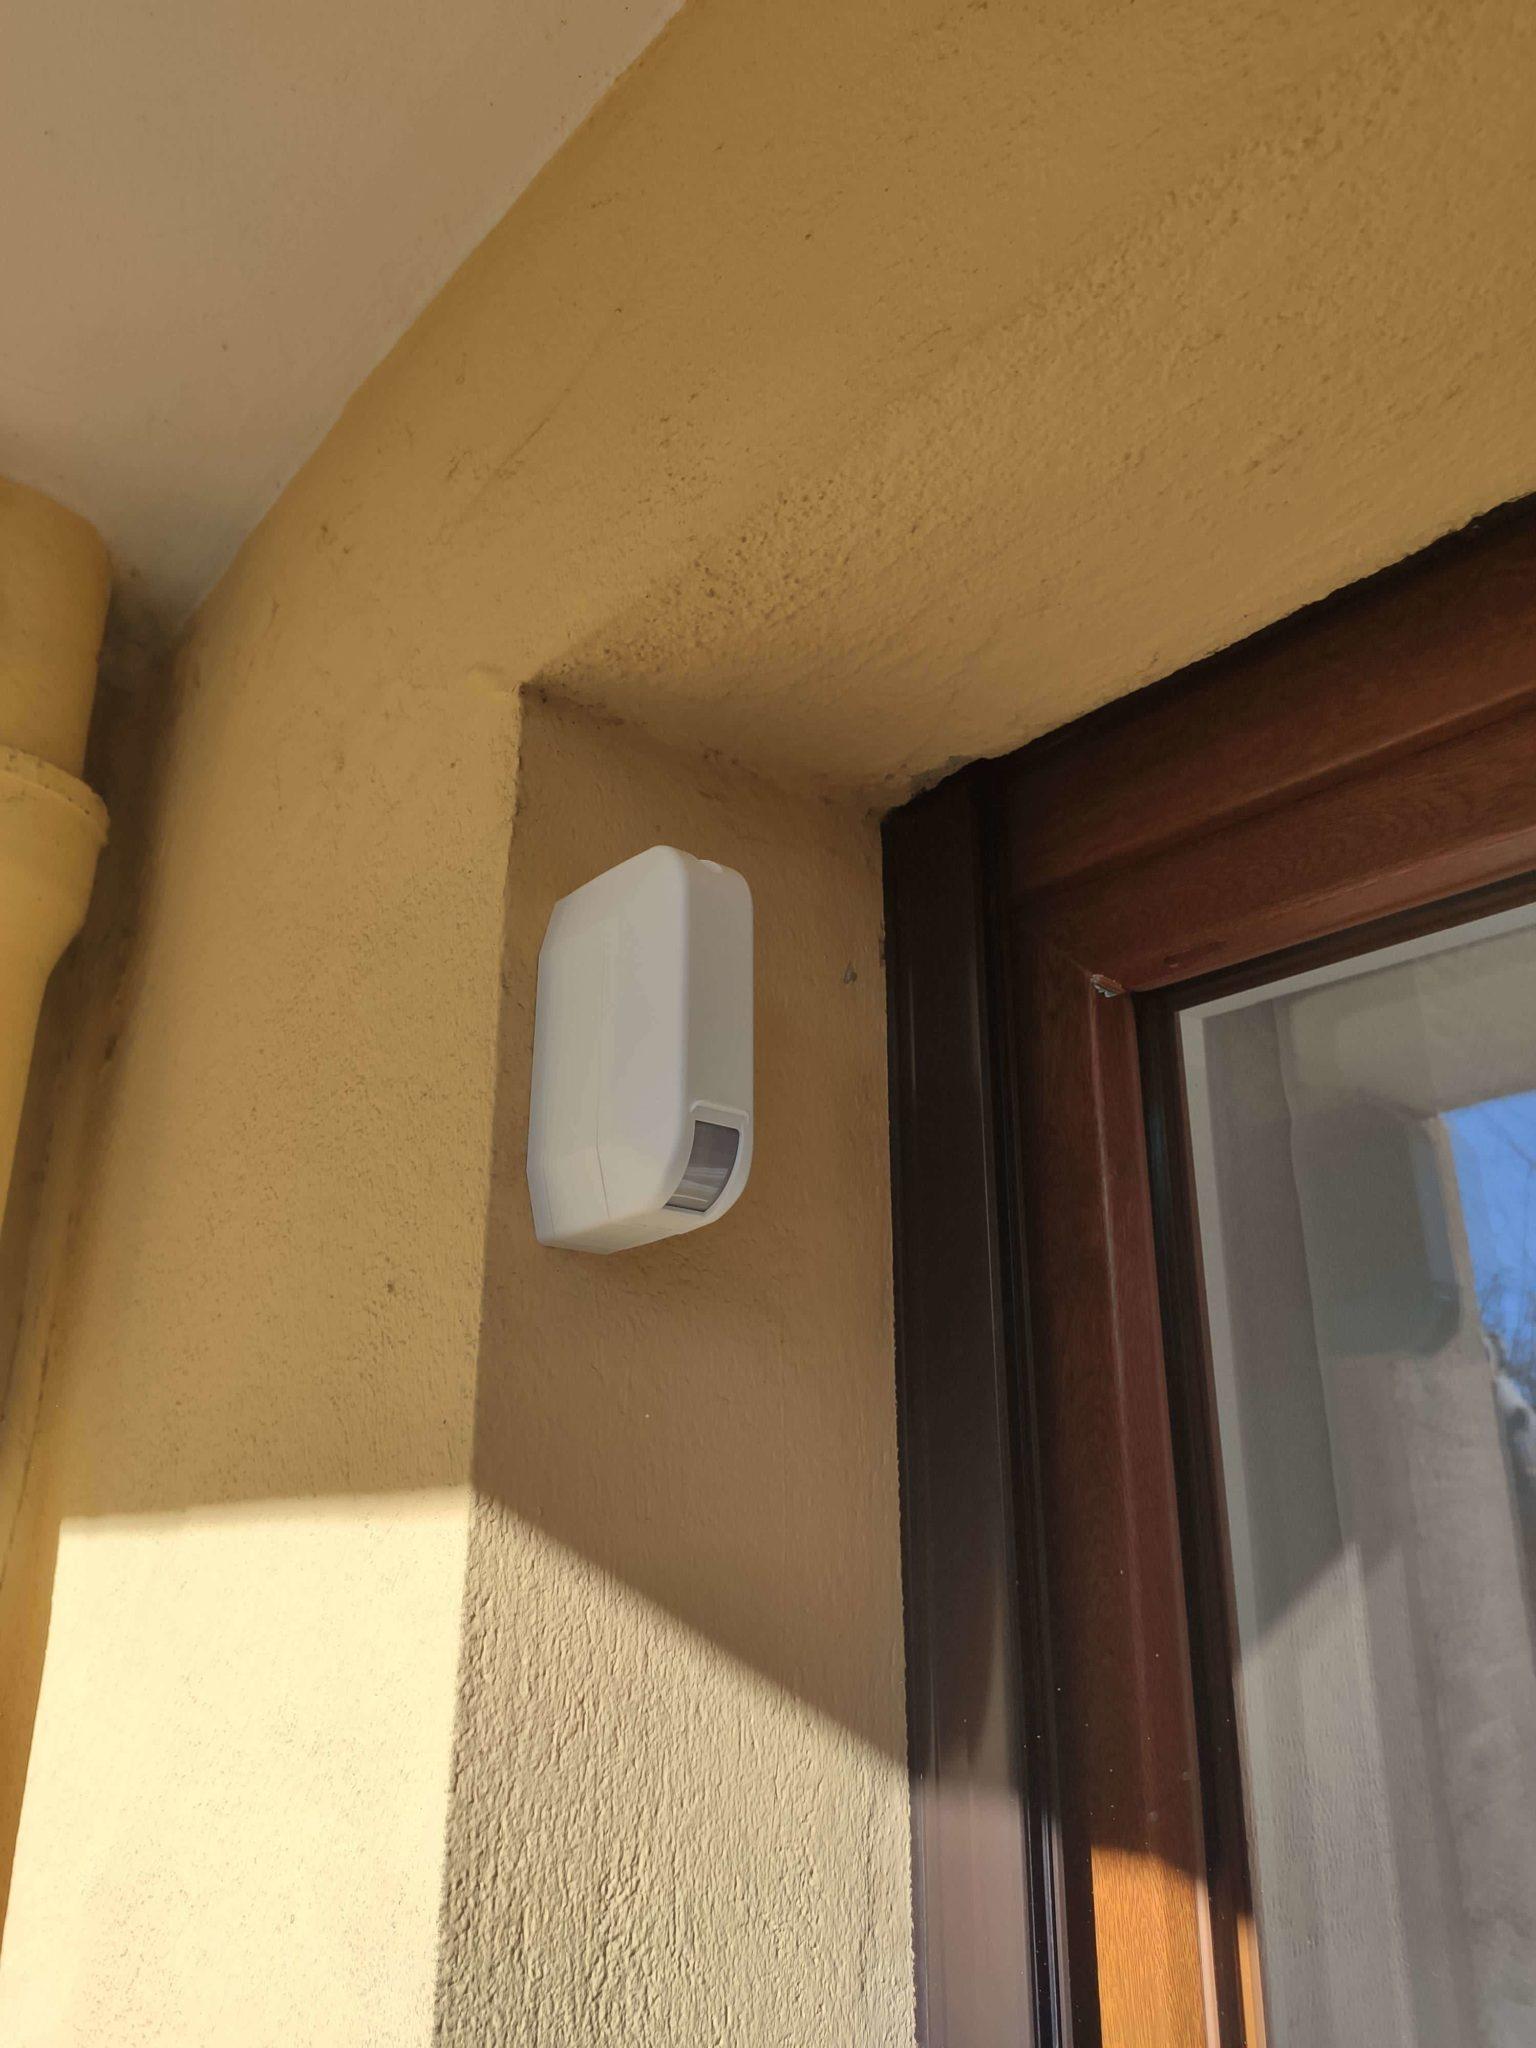 Installateur d'alarme et détecteur de rideau pour appartement en rdc à Marseille